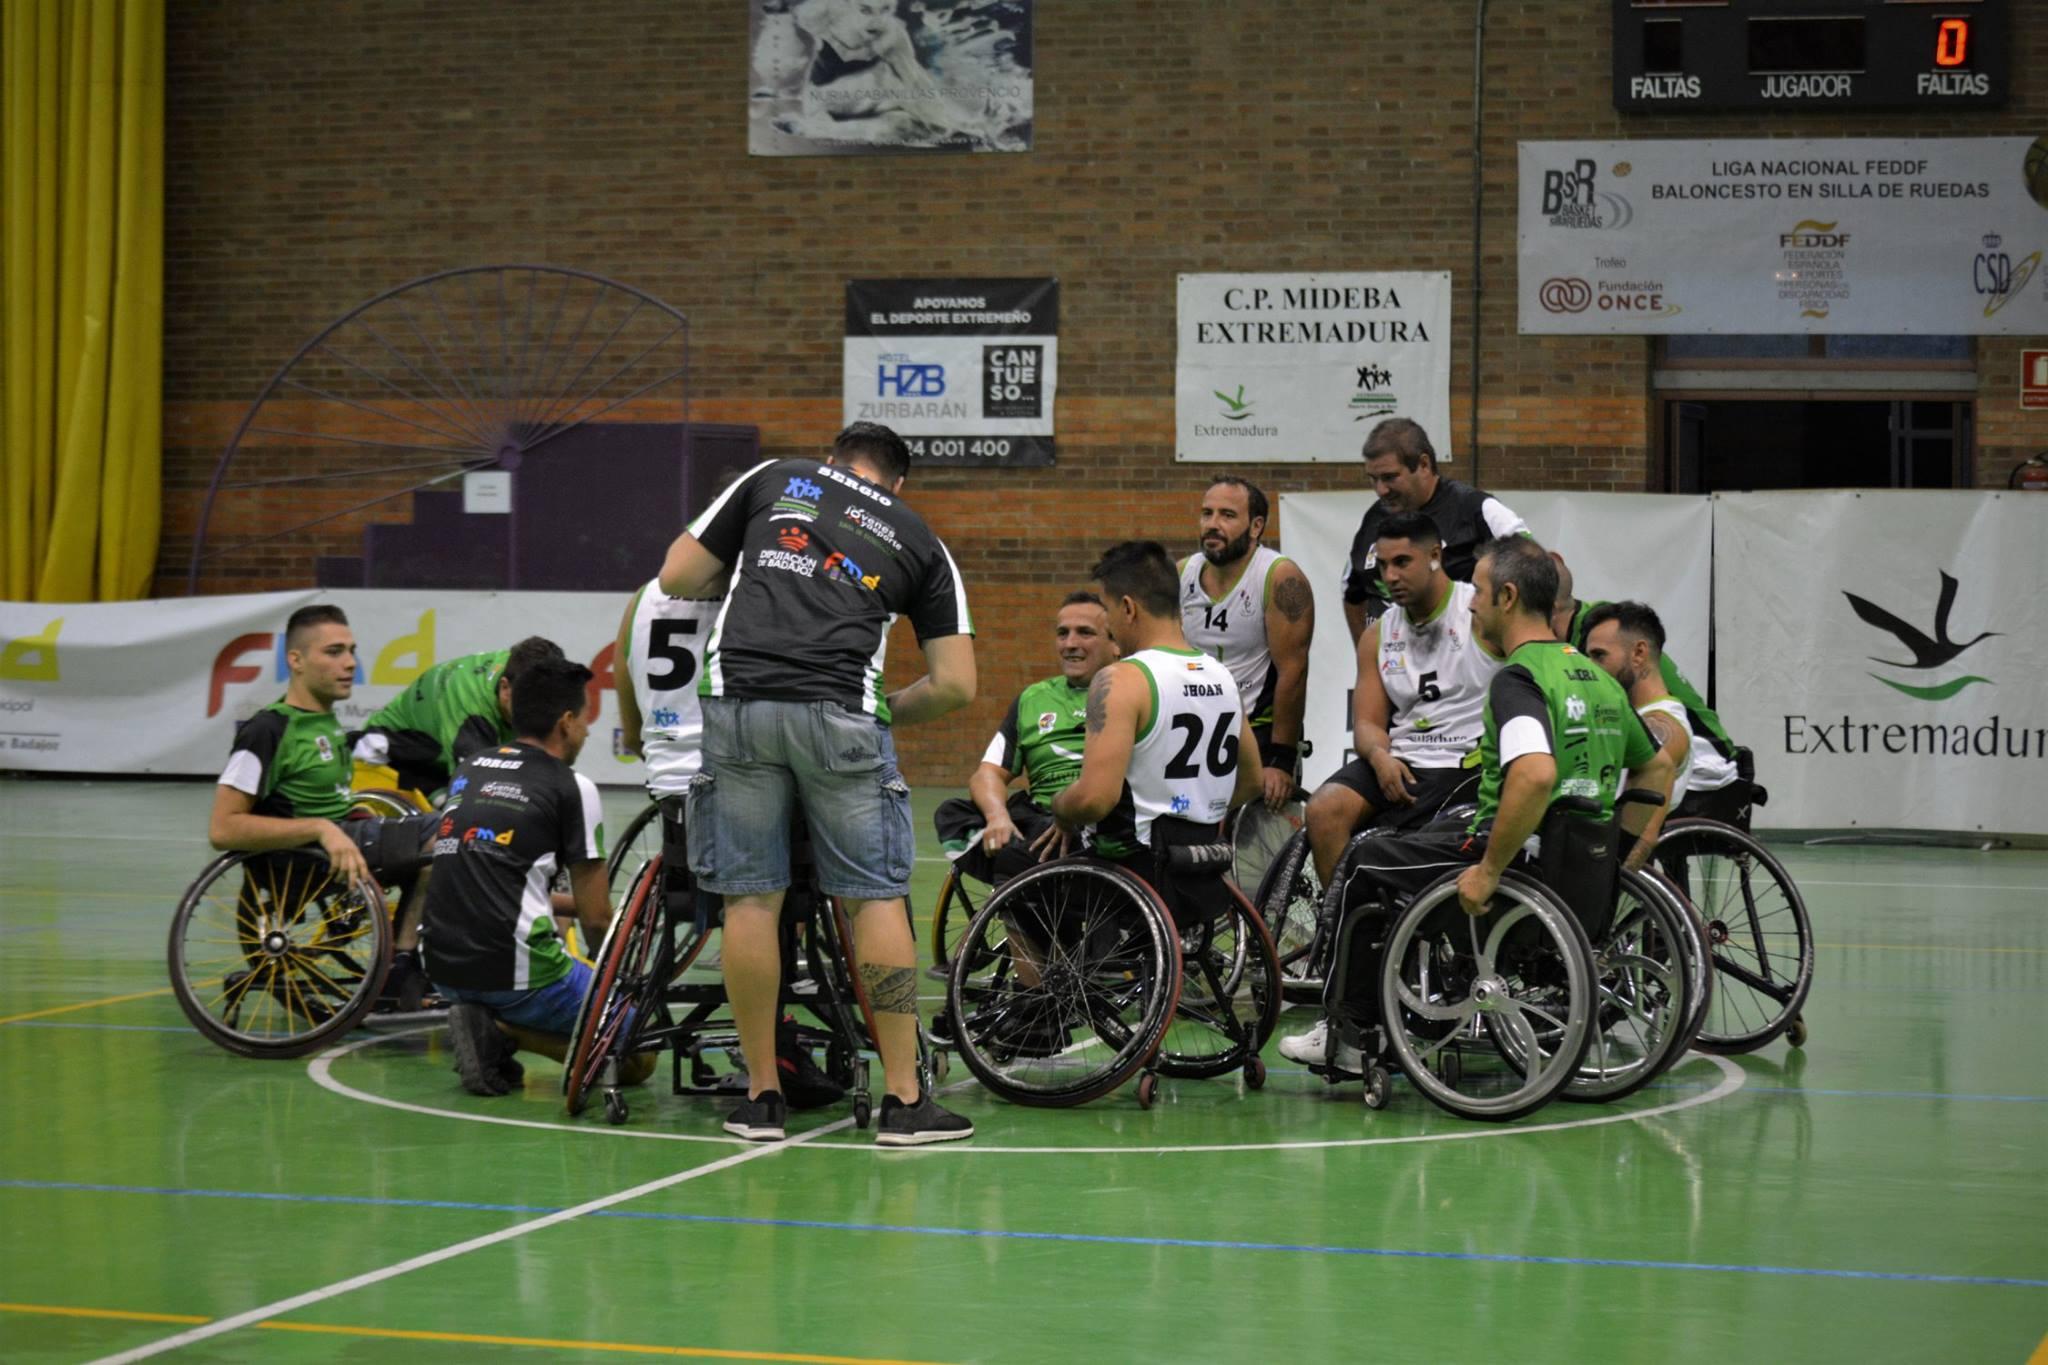 El Mideba Extremadura quiere resarcirse en casa ante Amivel